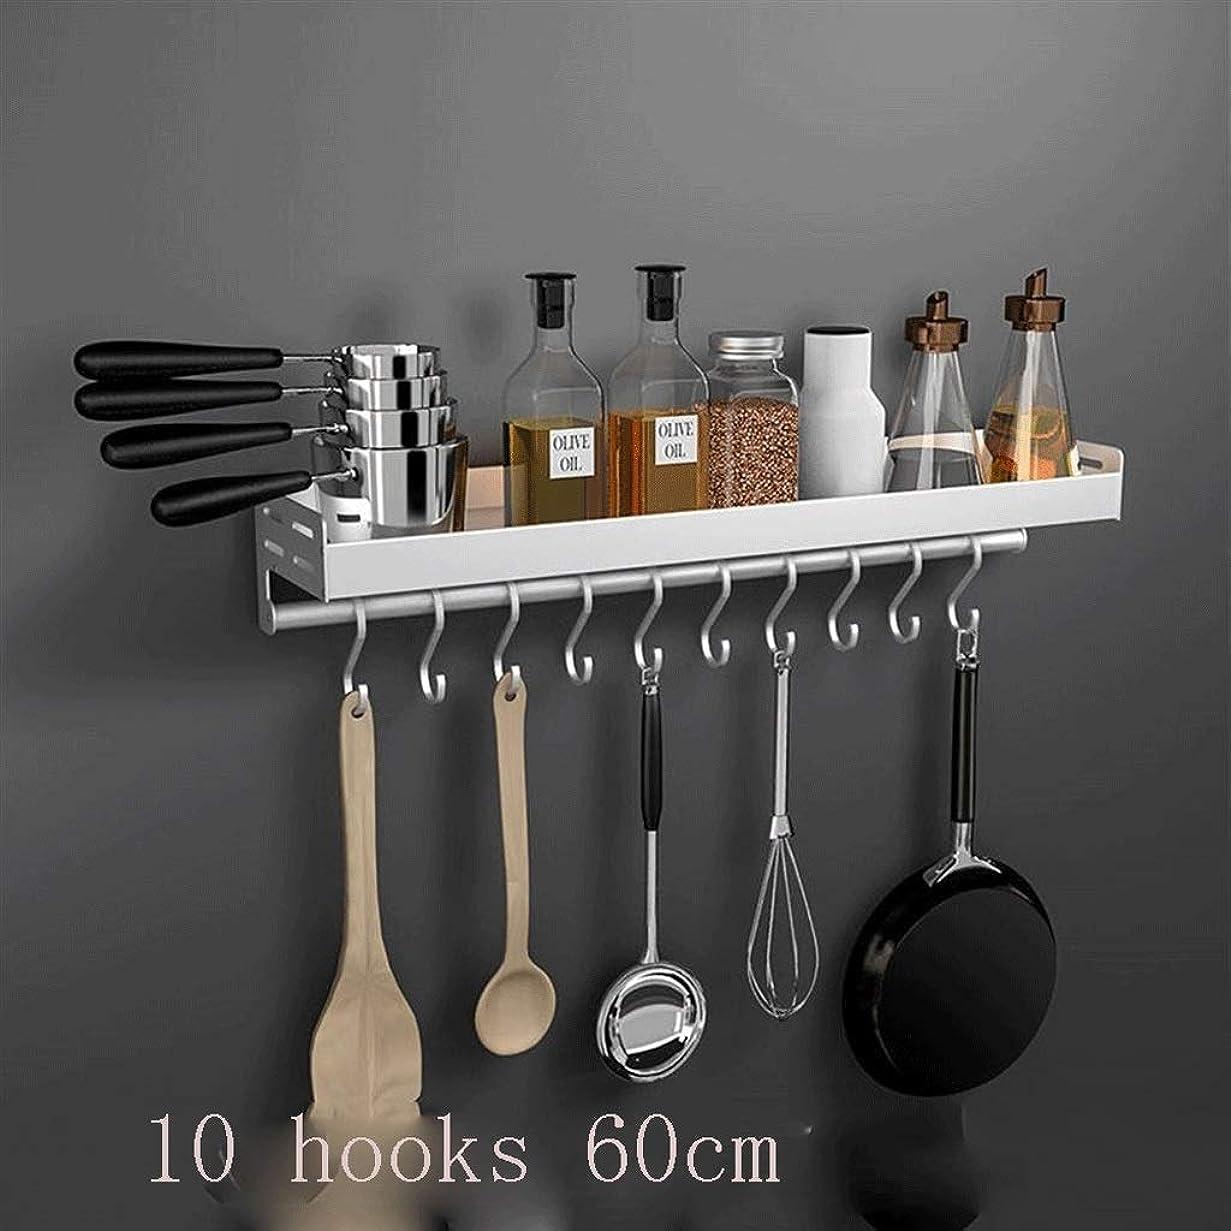 電信避ける同化する台所用ウォールシェルフ、棚、吊り下げ式ラックウォールタオルバーおよび8つの取り外し可能なフック ウォールマウント (Size : 10 hooks 60cm)